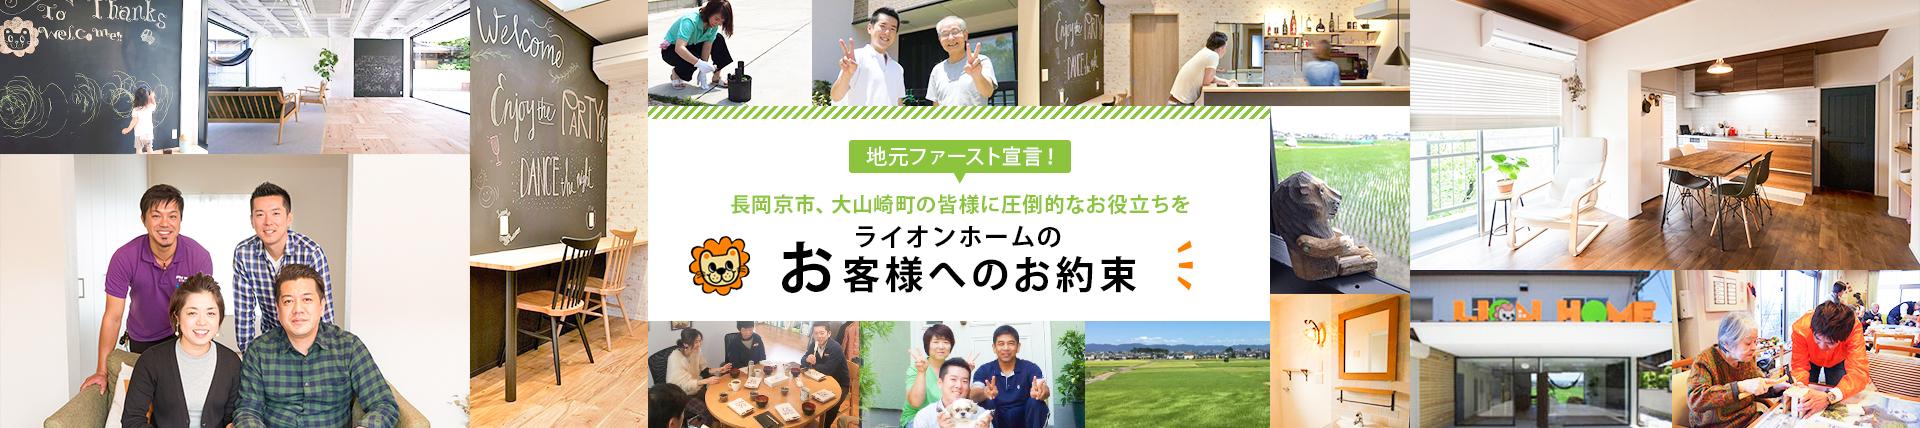 地元ファースト宣言!長岡京、大山崎町の皆様に圧倒的なお役立ちを ライオンホームのお客様へのお約束